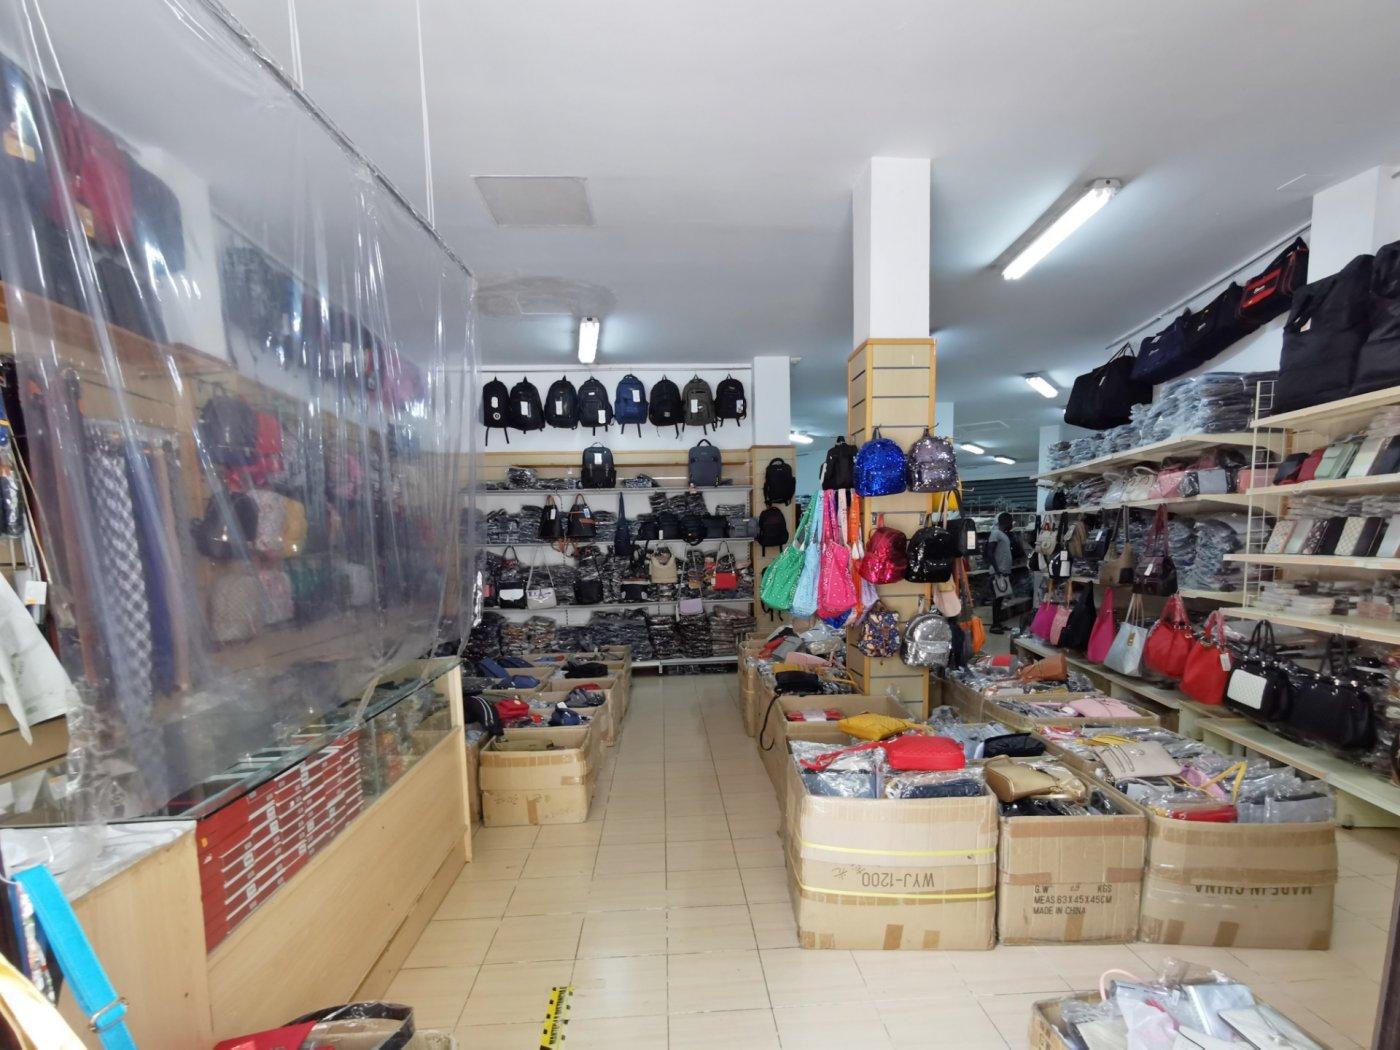 Local en venta en pere garau - imagenInmueble2